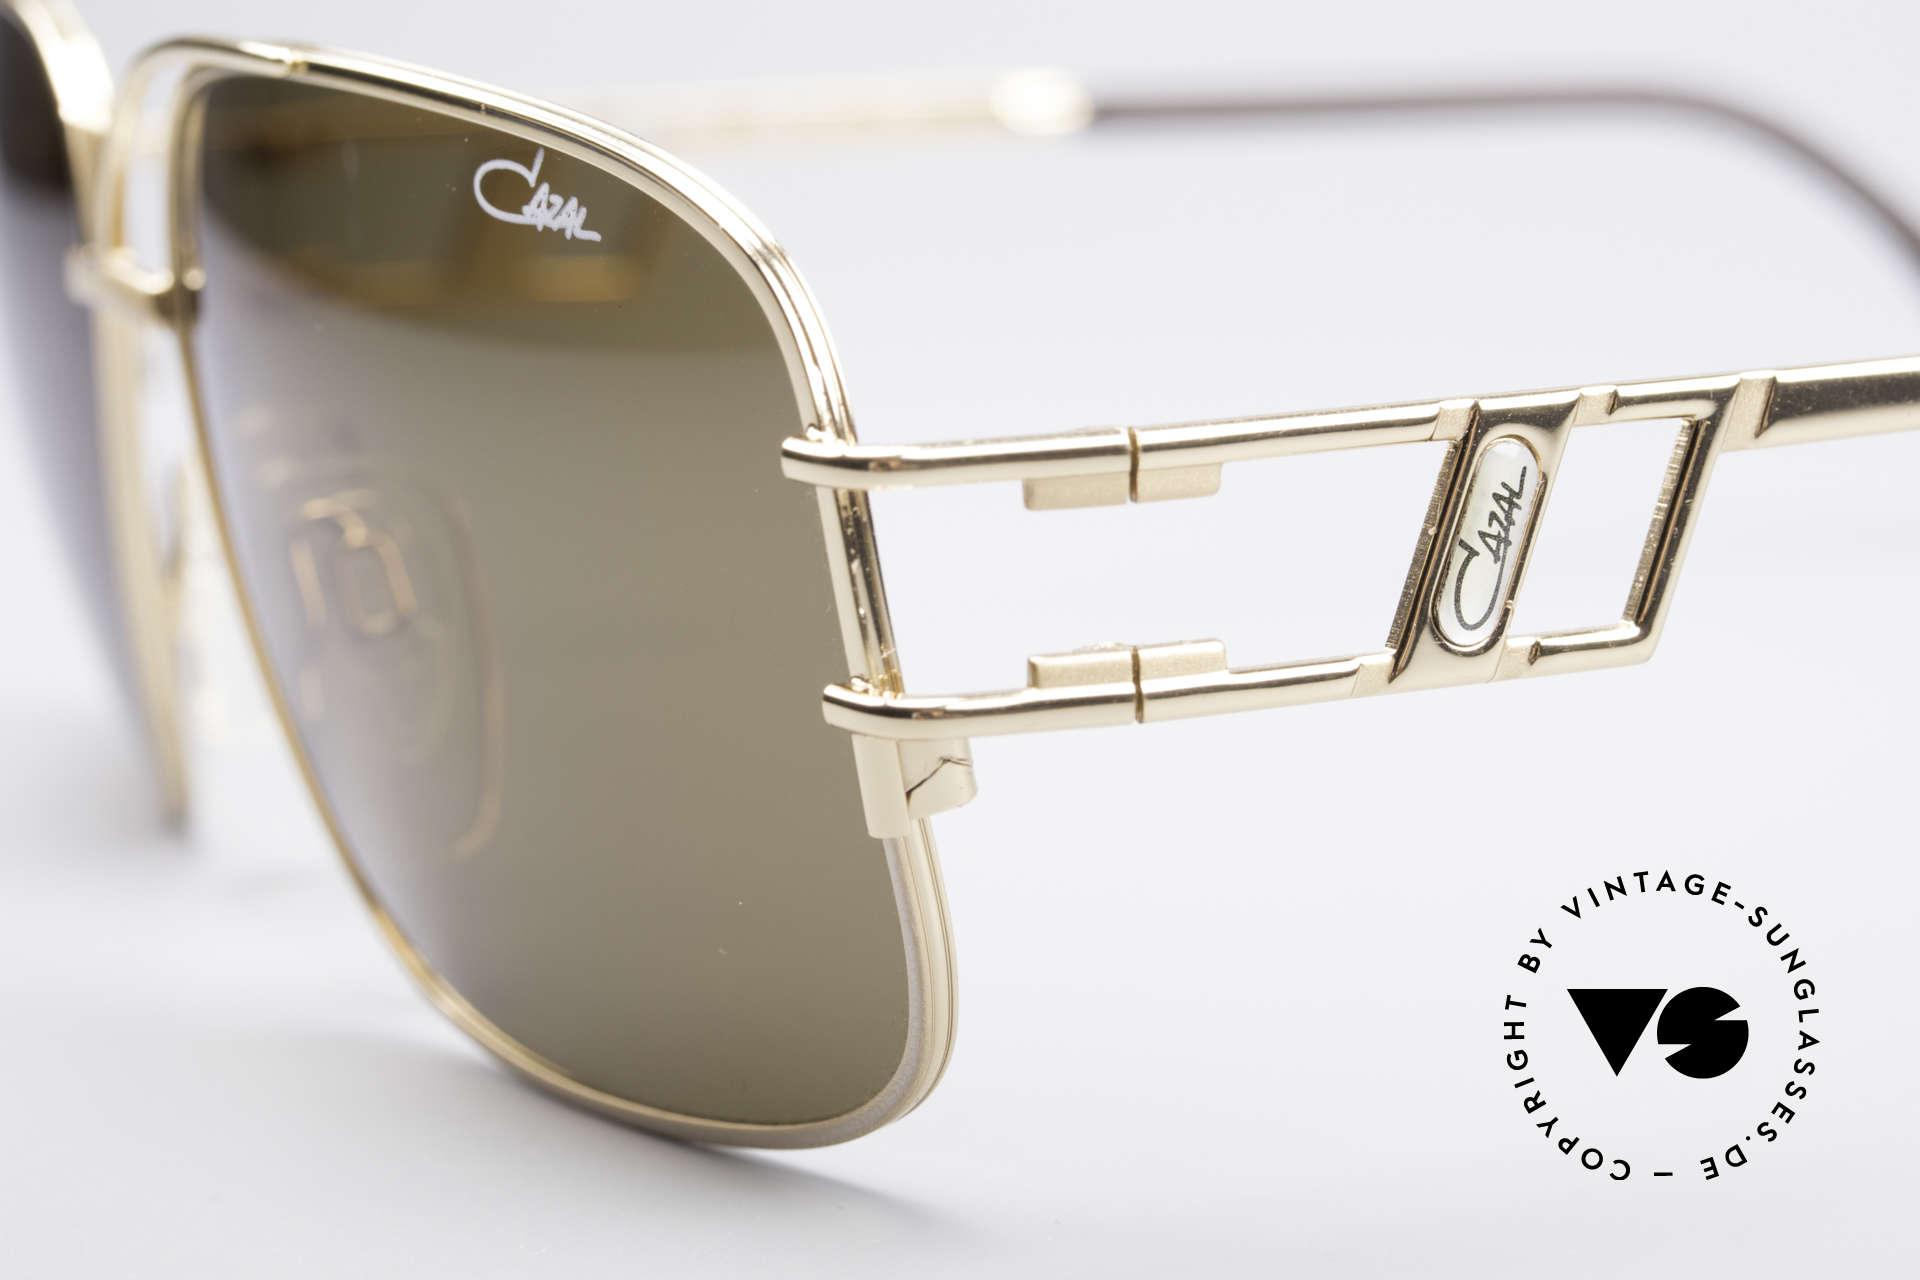 Cazal 971 Super Seltene Designerbrille, orig. Cazal Gläser mit 'UV PROTECTION' Markierung, Passend für Herren